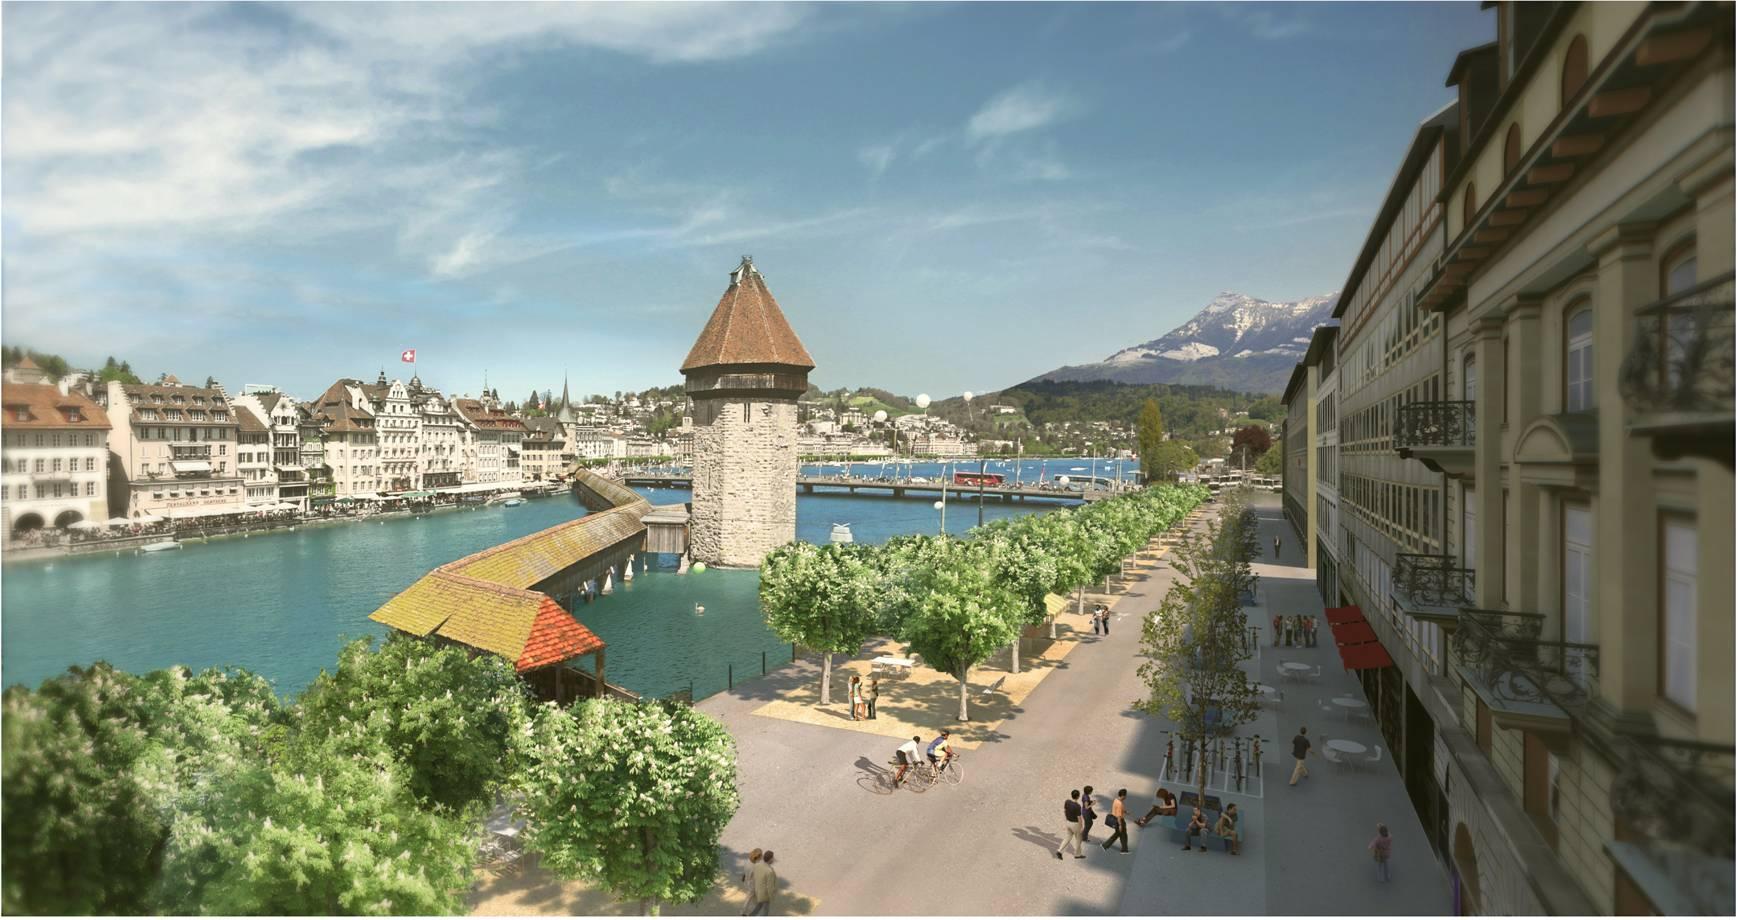 So stellen sich die Planer die Bahnhofstrasse vor – eine Visualisierung des Siegerprojektes (Bild: Koepfli Partner GmbH, Luzern).